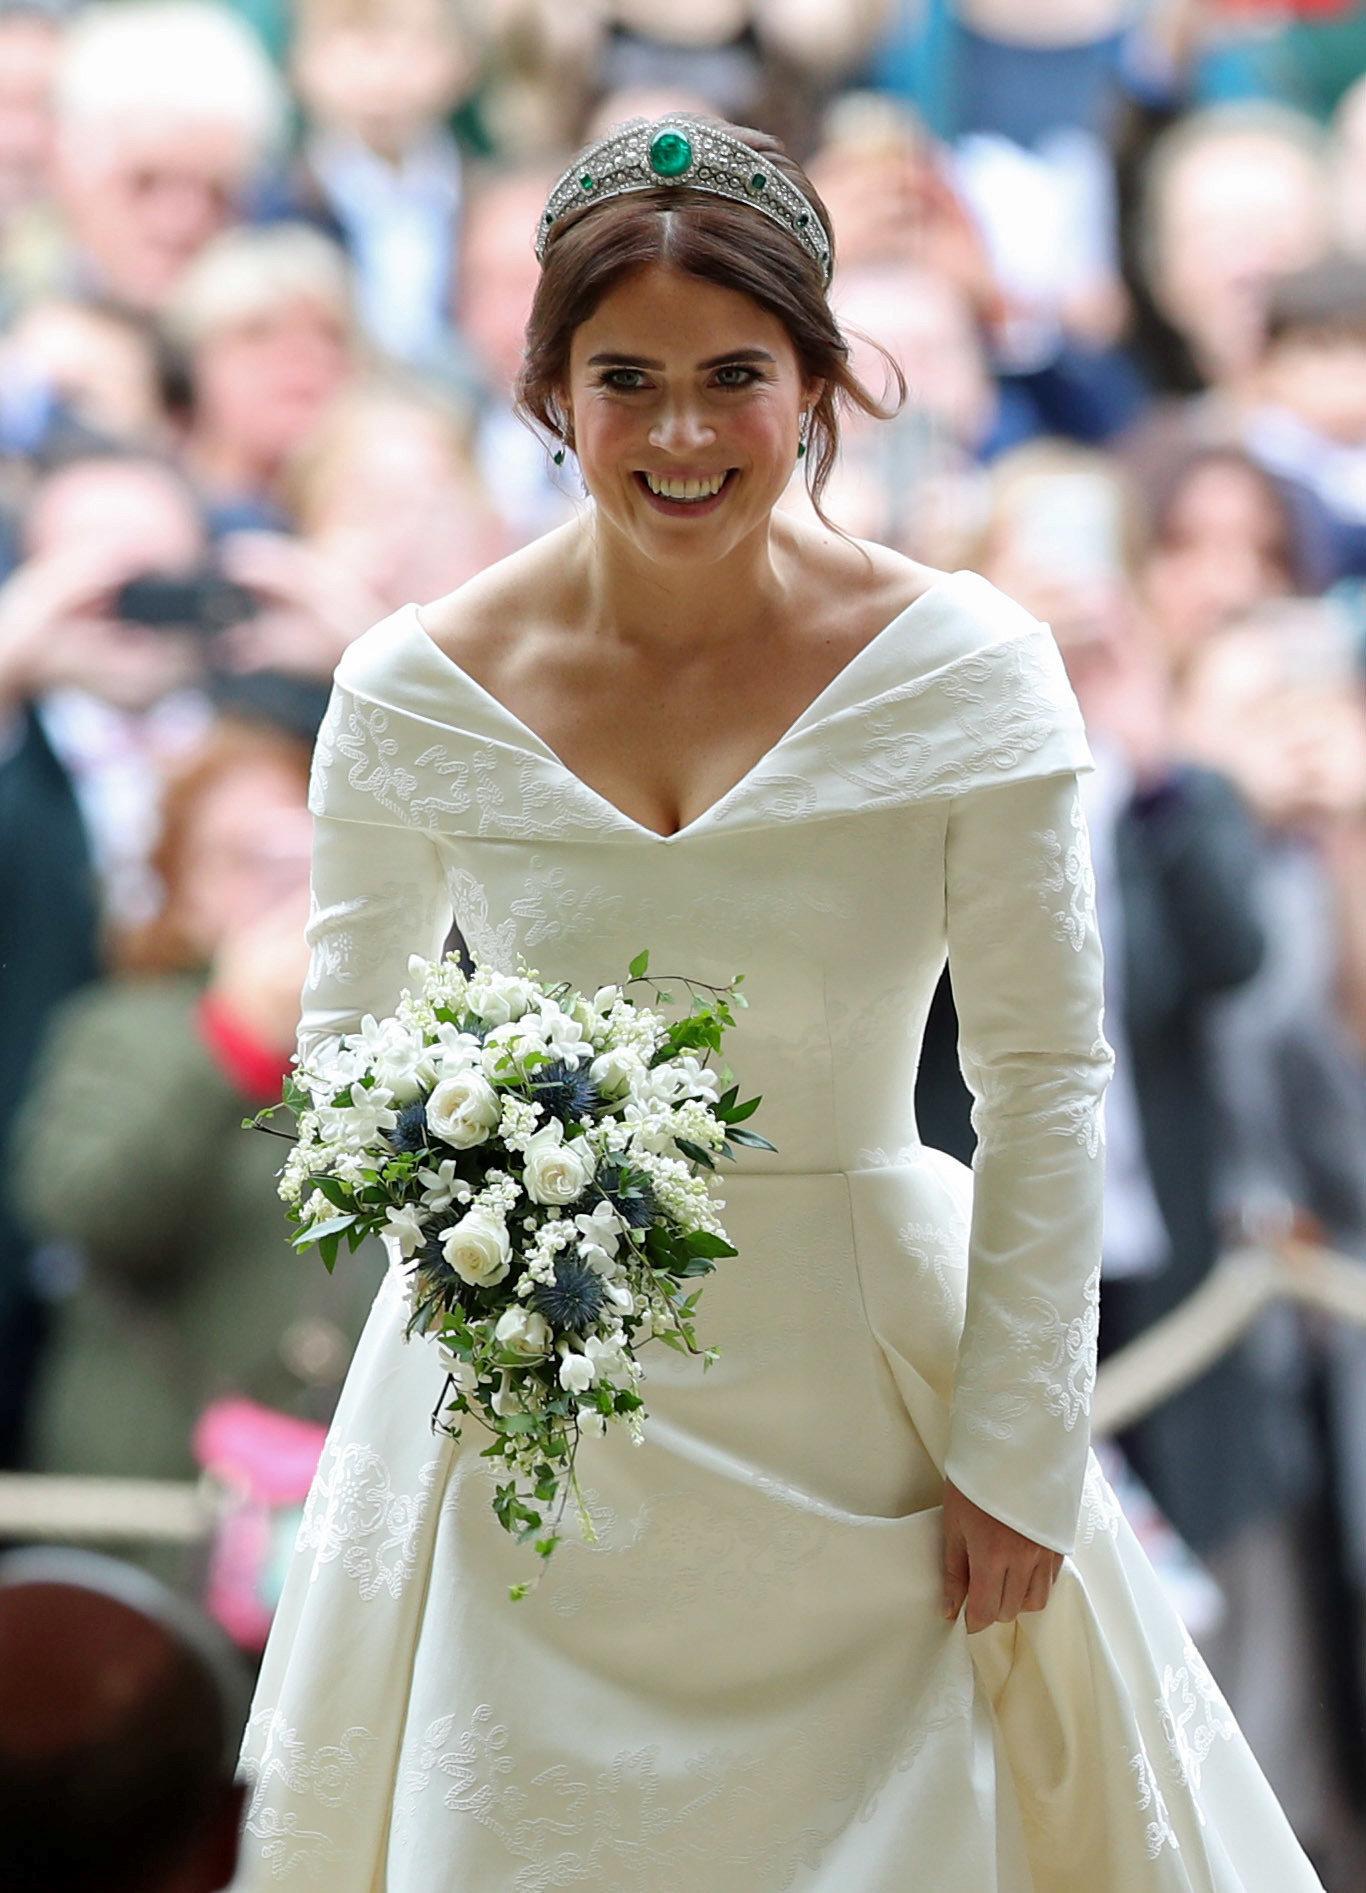 Ο γάμος της πριγκίπισσας Ευγενίας στο